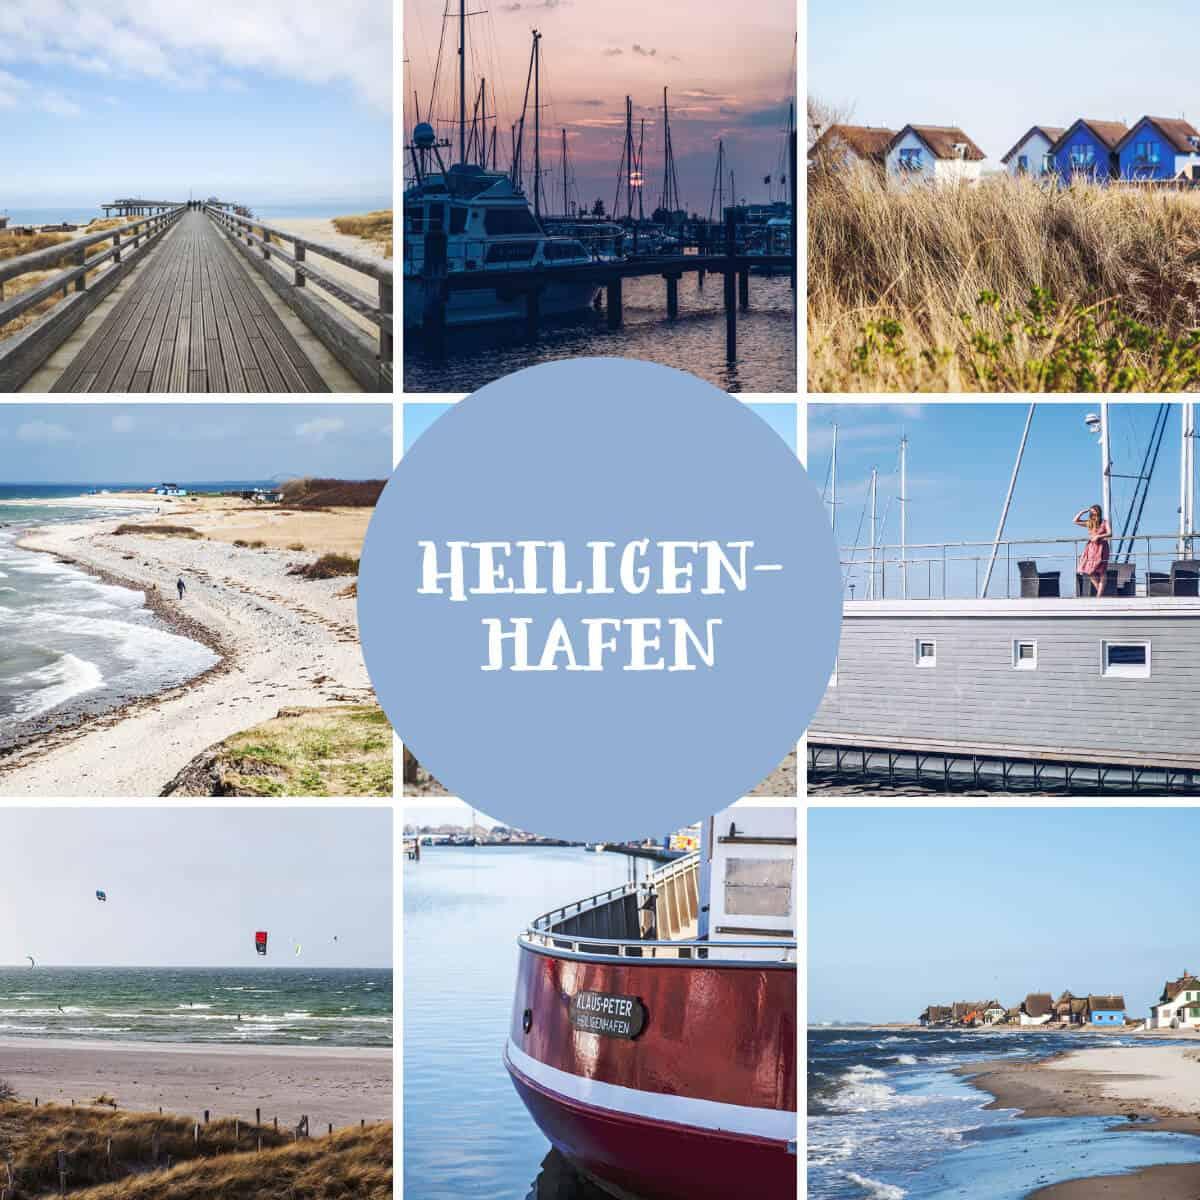 8 Urlaubsorte an der Ostseeküste: Heiligenhafen Tipps Ausflug Fotos